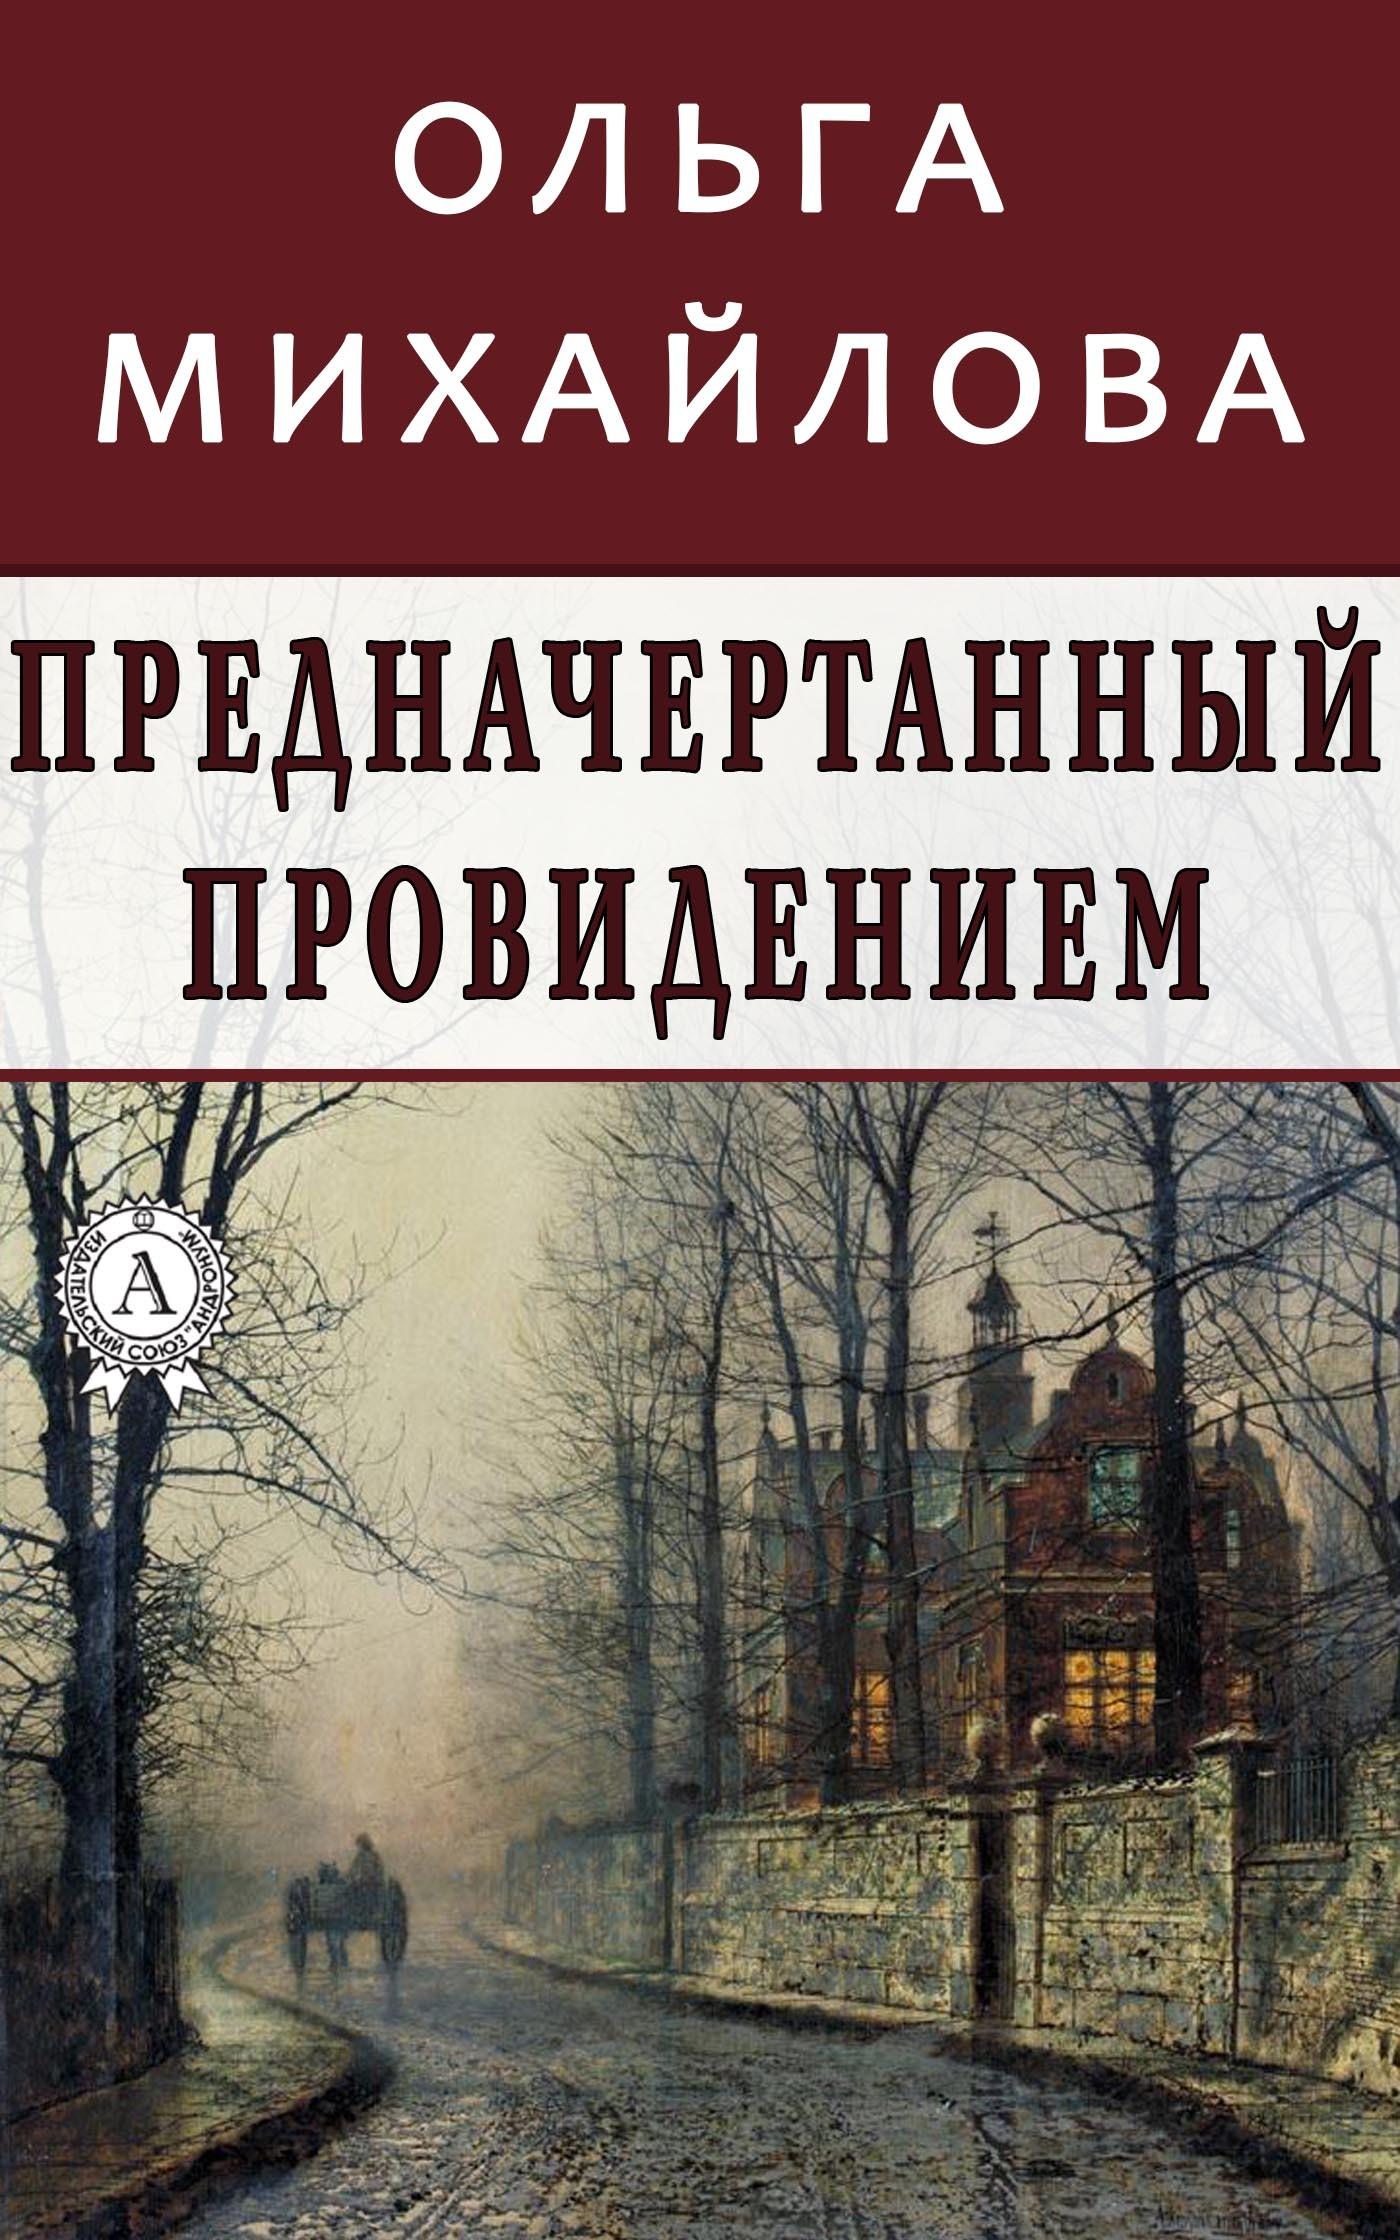 Ольга Михайлова «Предначертанный провидением»